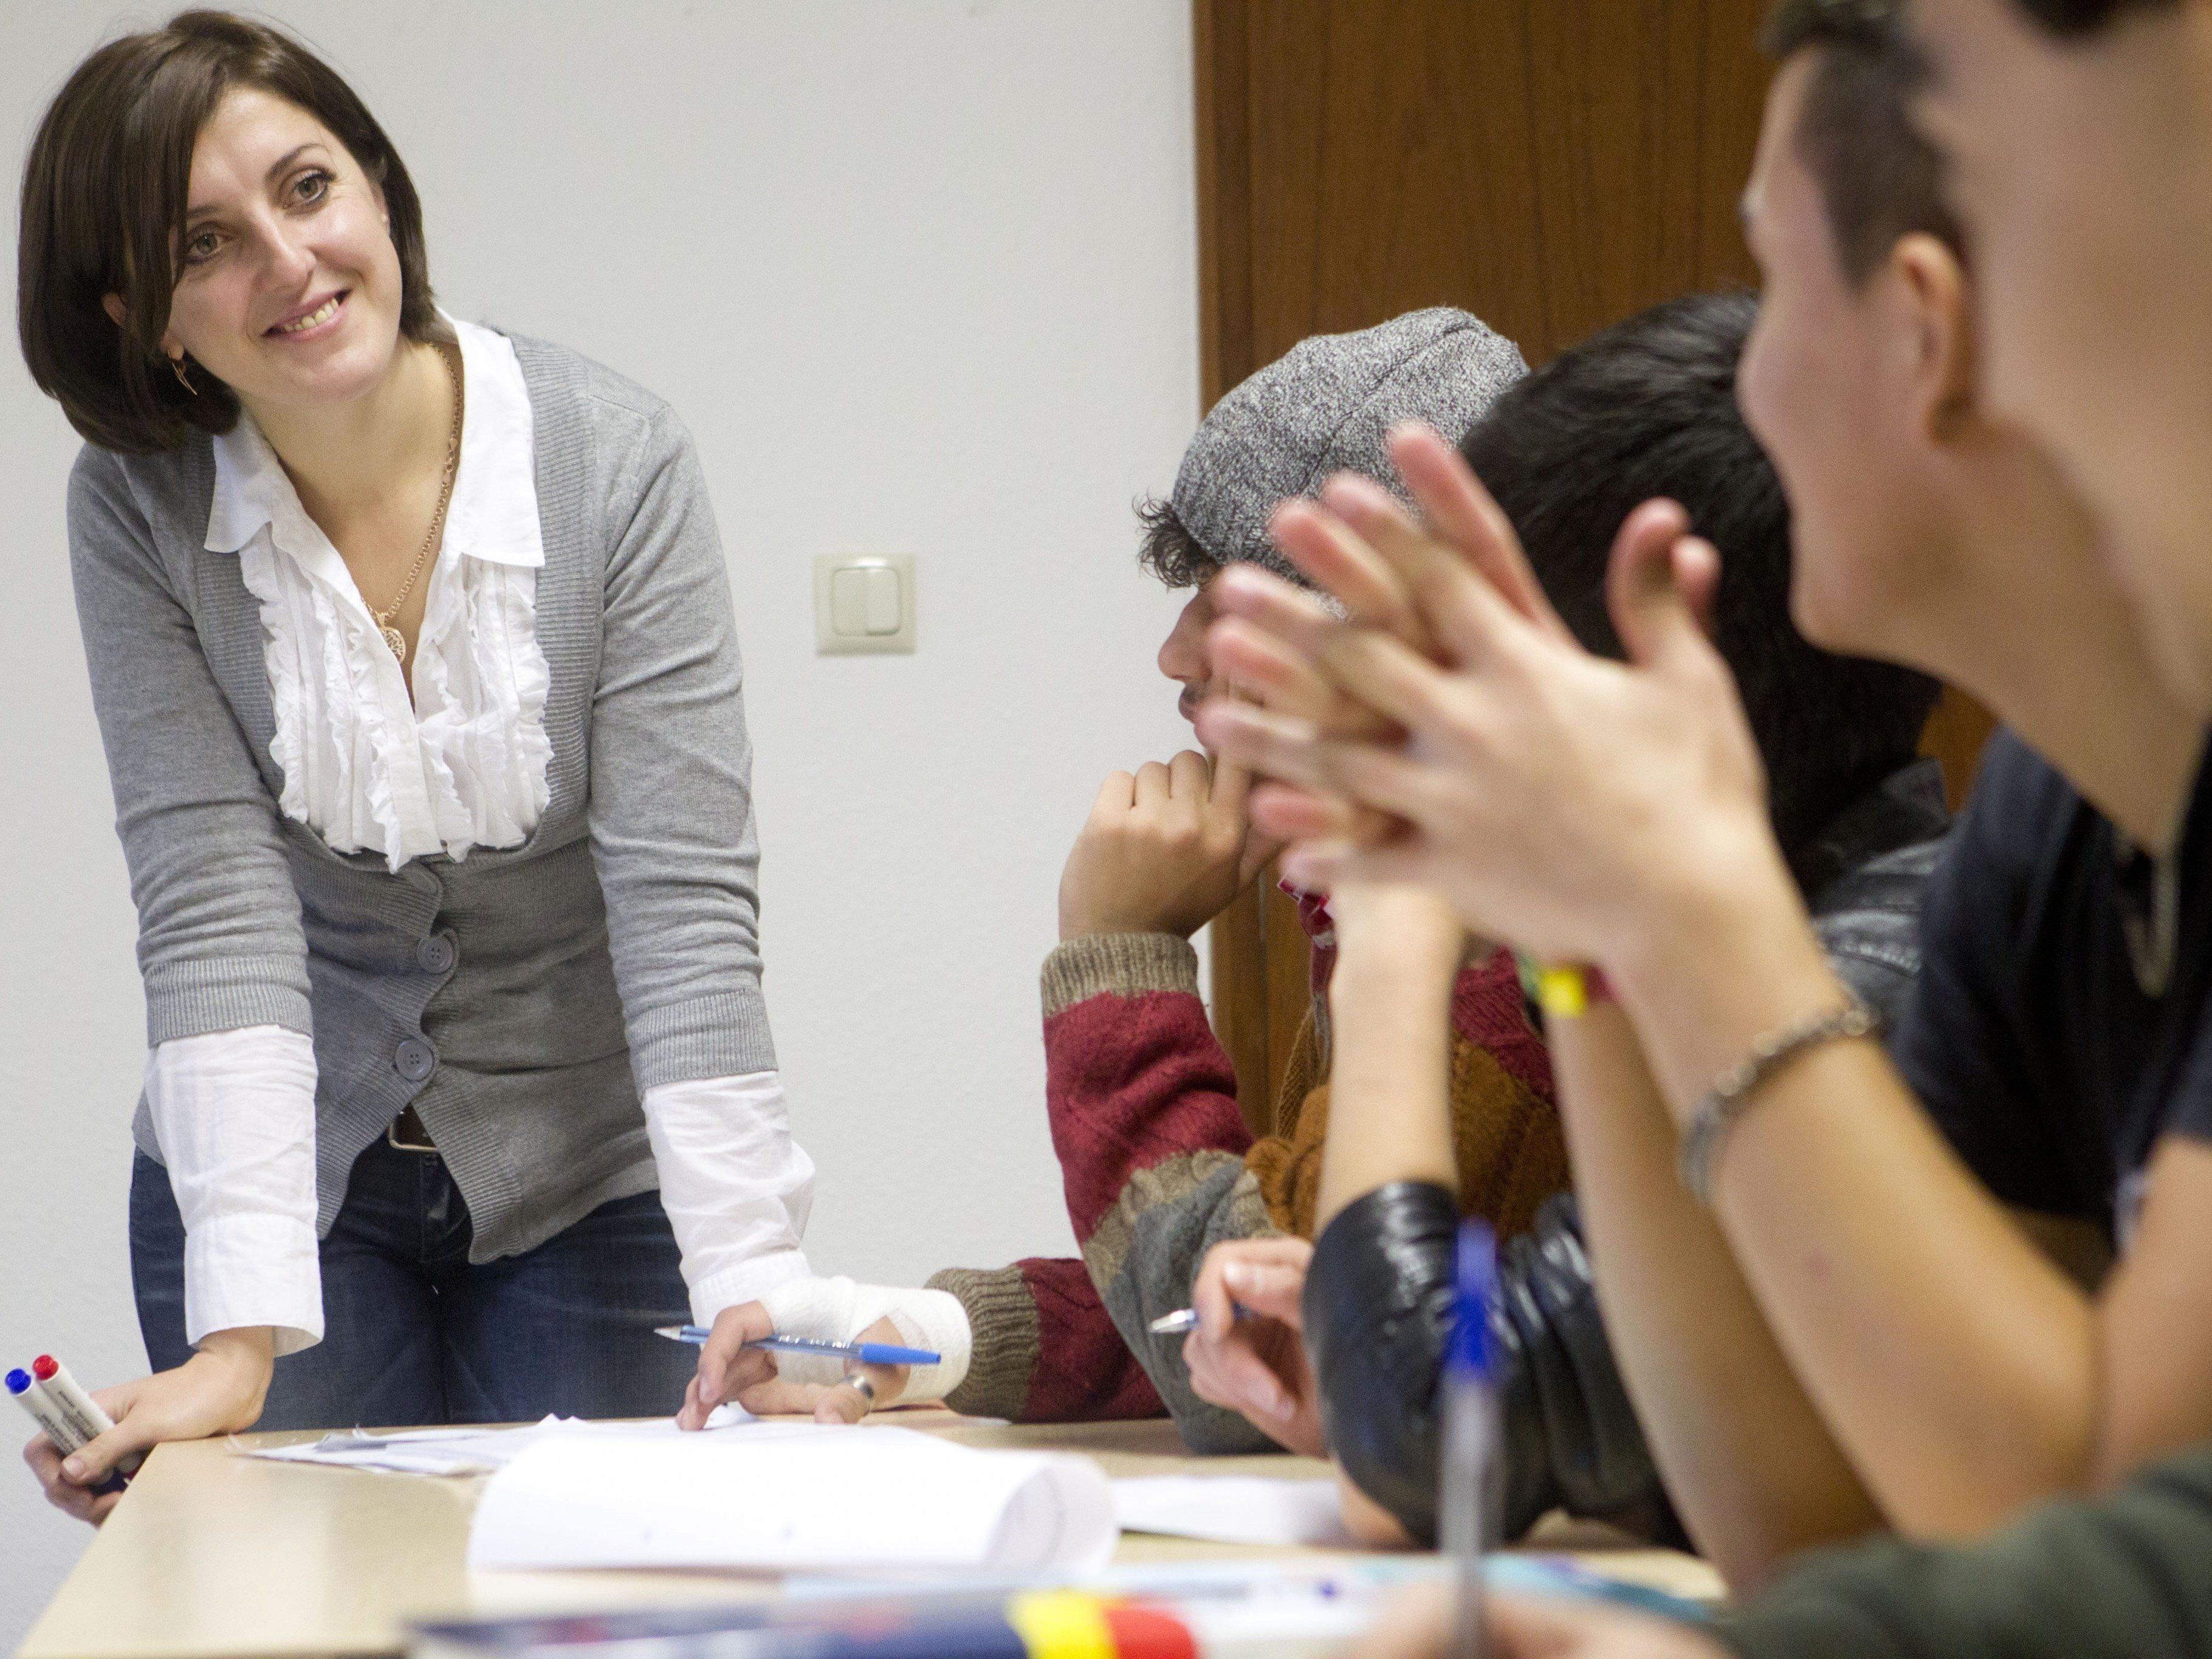 In Vorarlberg übernimmt die Caritas zahlreiche Aufgaben, darunter auch Sprachkurse für Flüchtlinge.